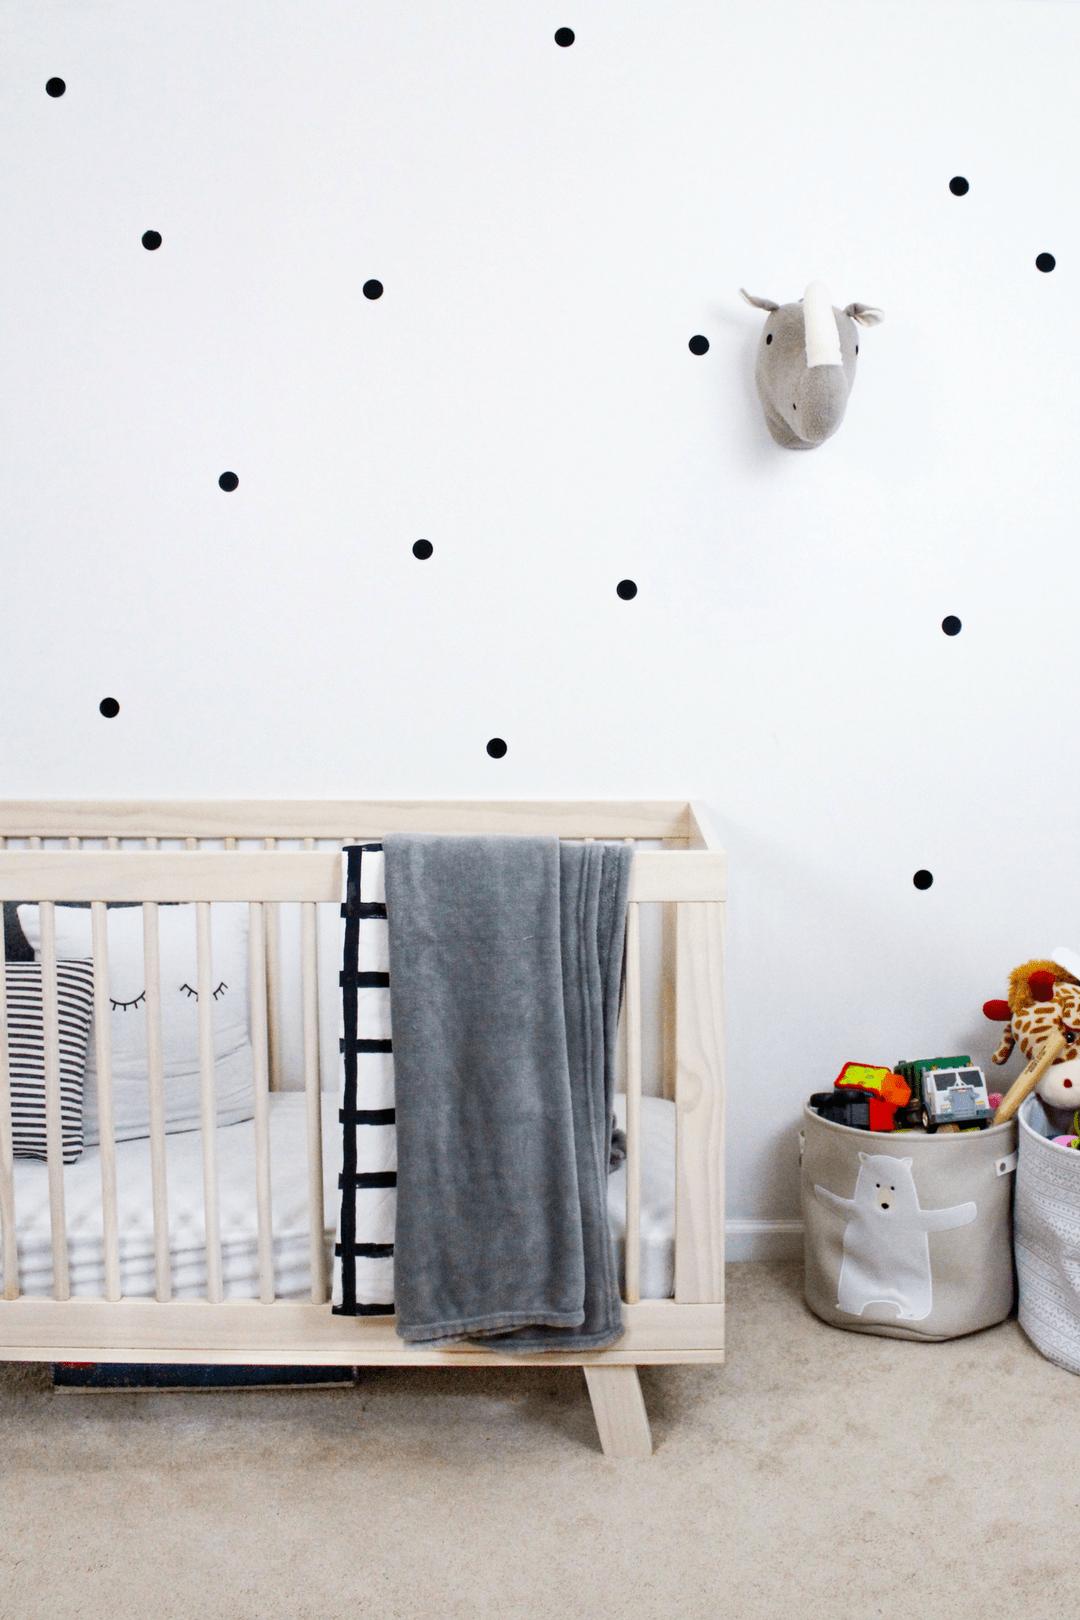 DIY Polka Dot Nursery Wall